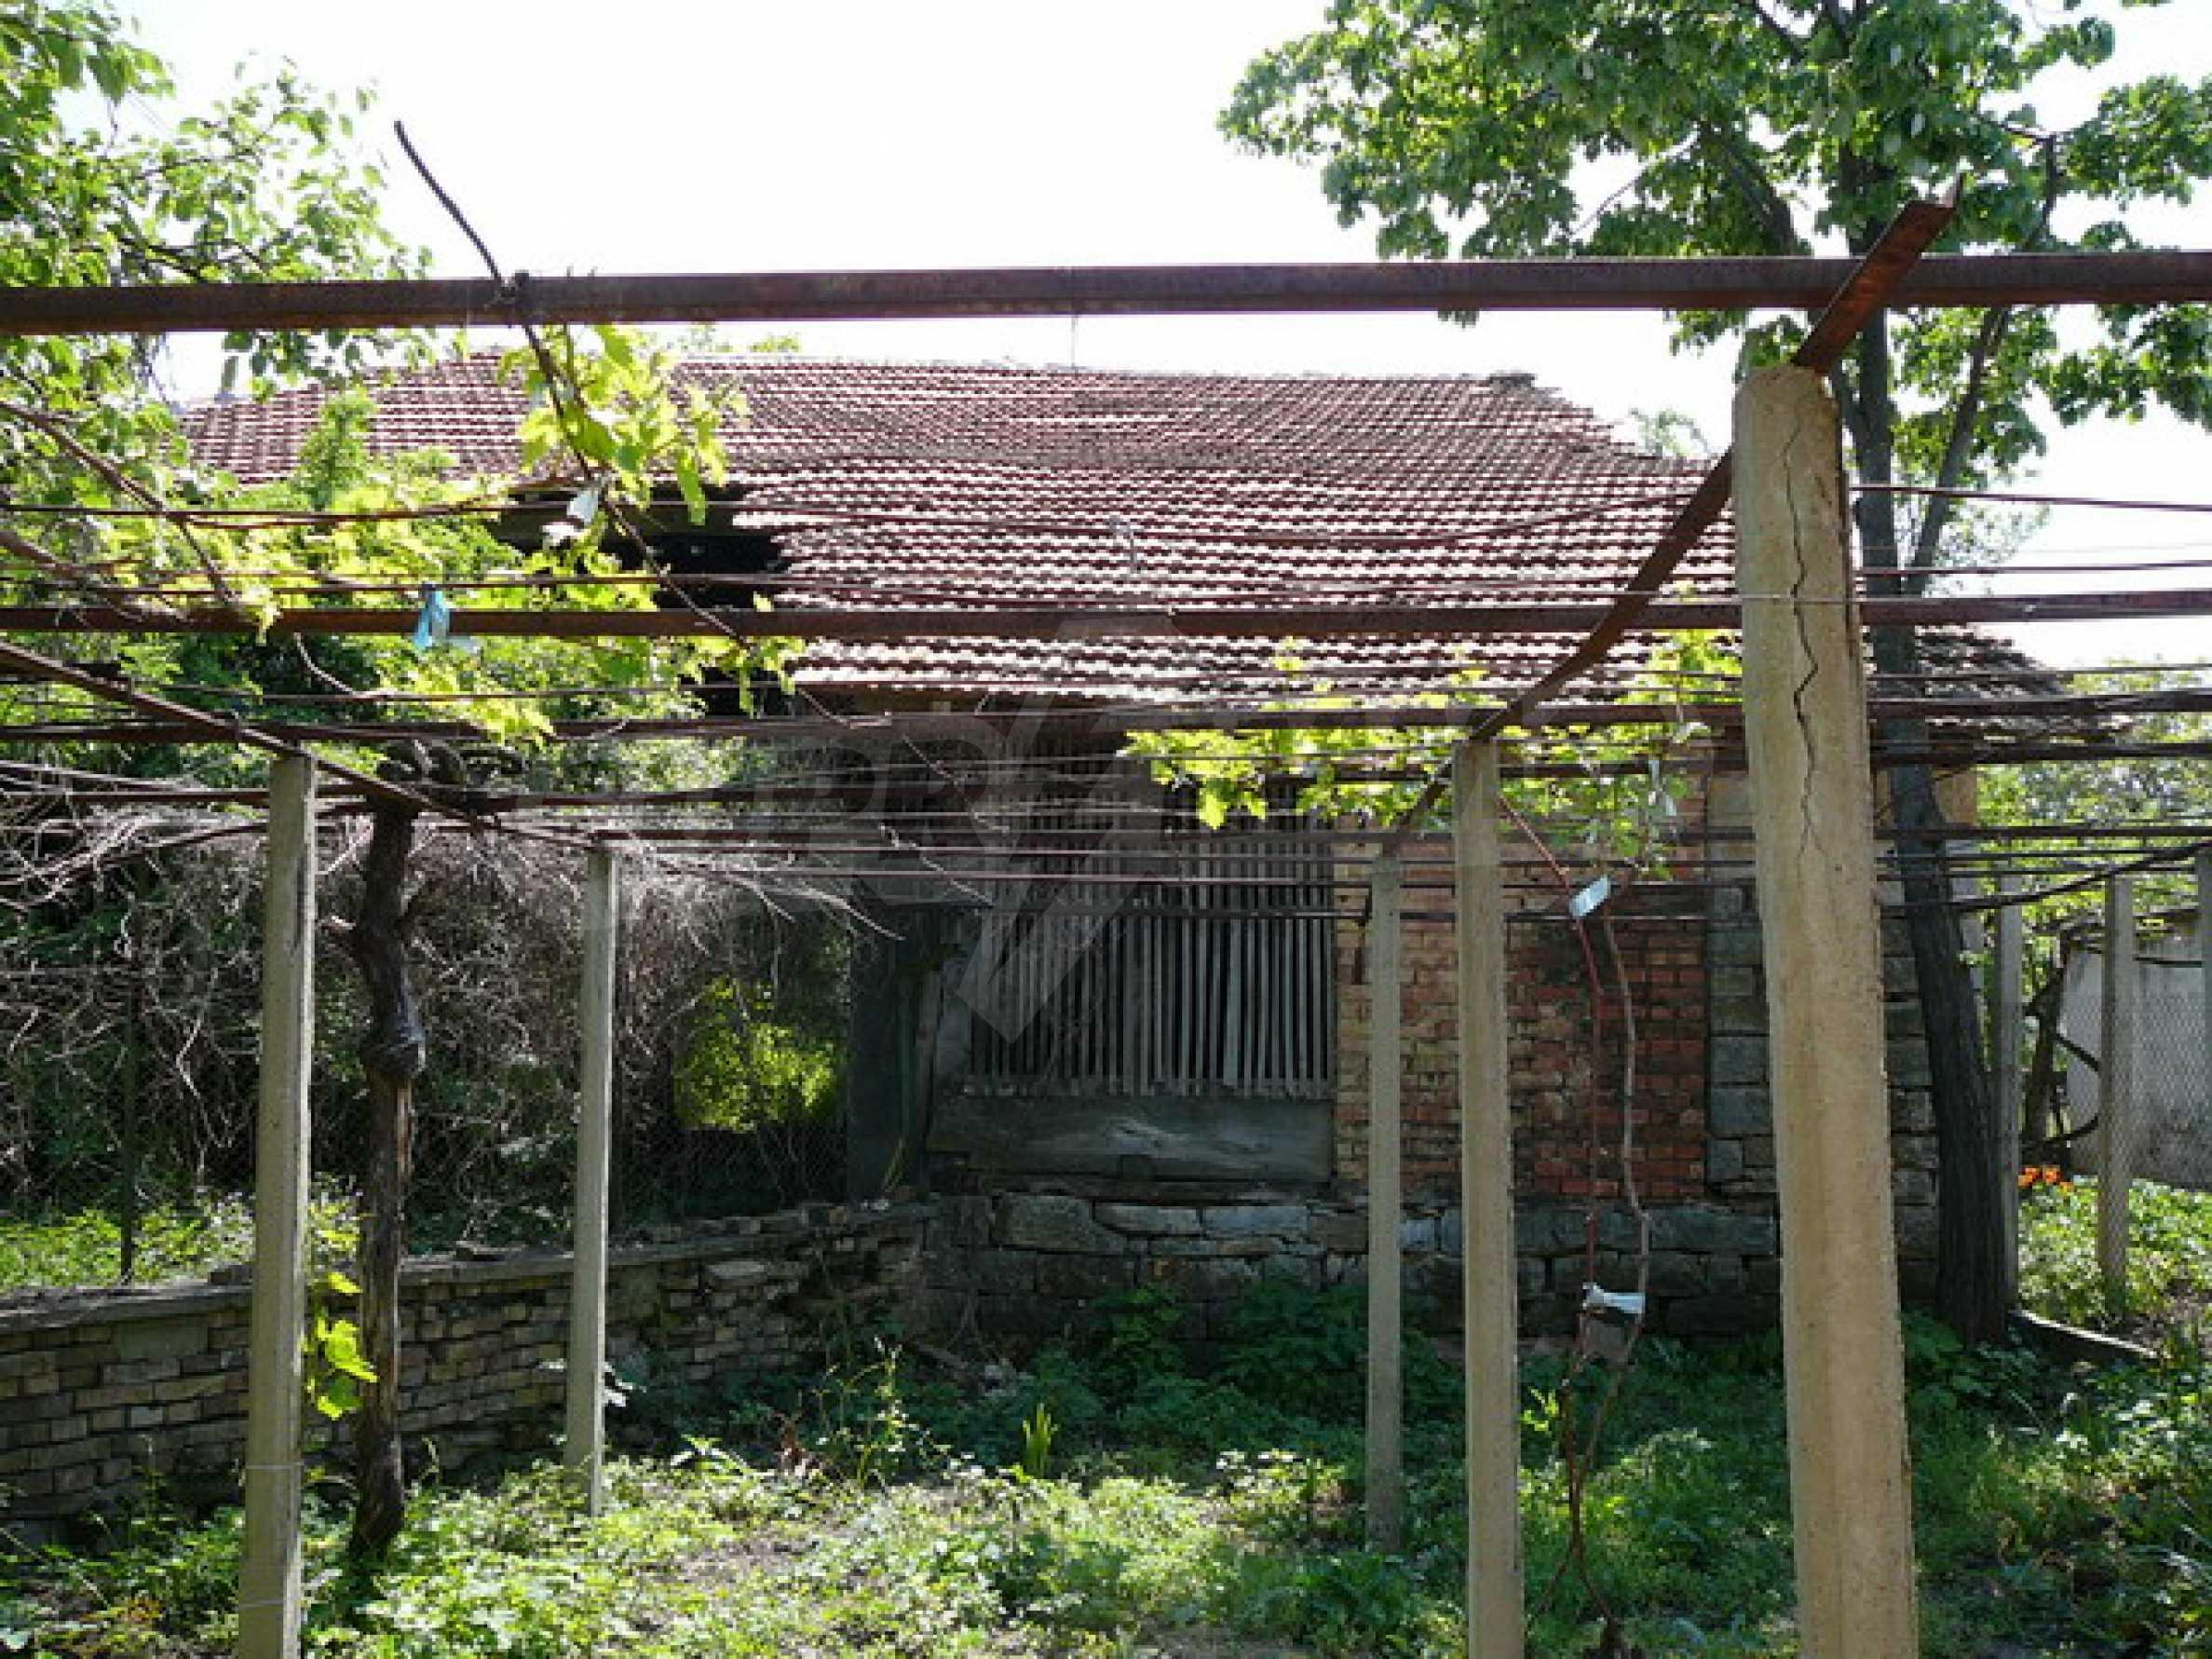 Къща за продажба близо до гр. Велико Търново 32